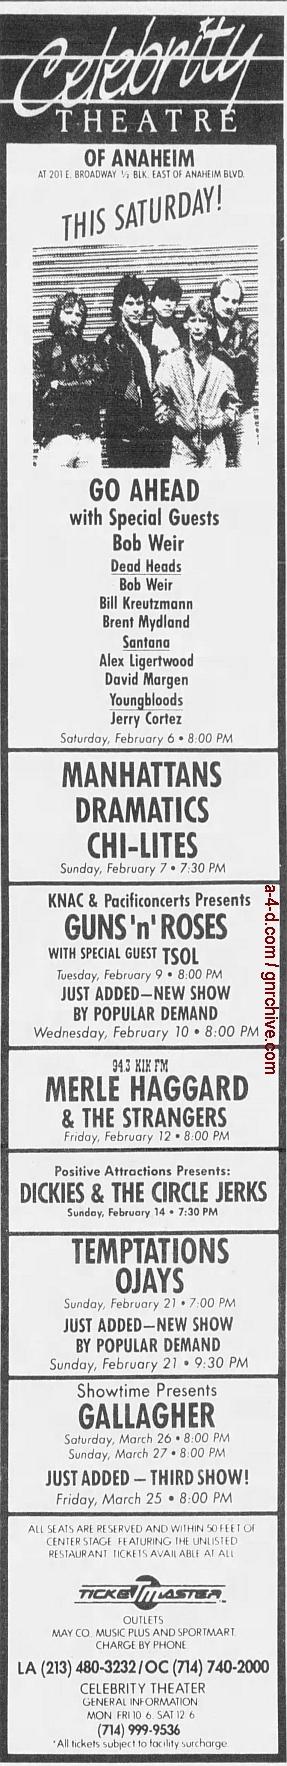 1988.02.09 - Celebrity Theatre, Anaheim, USA 1988_071